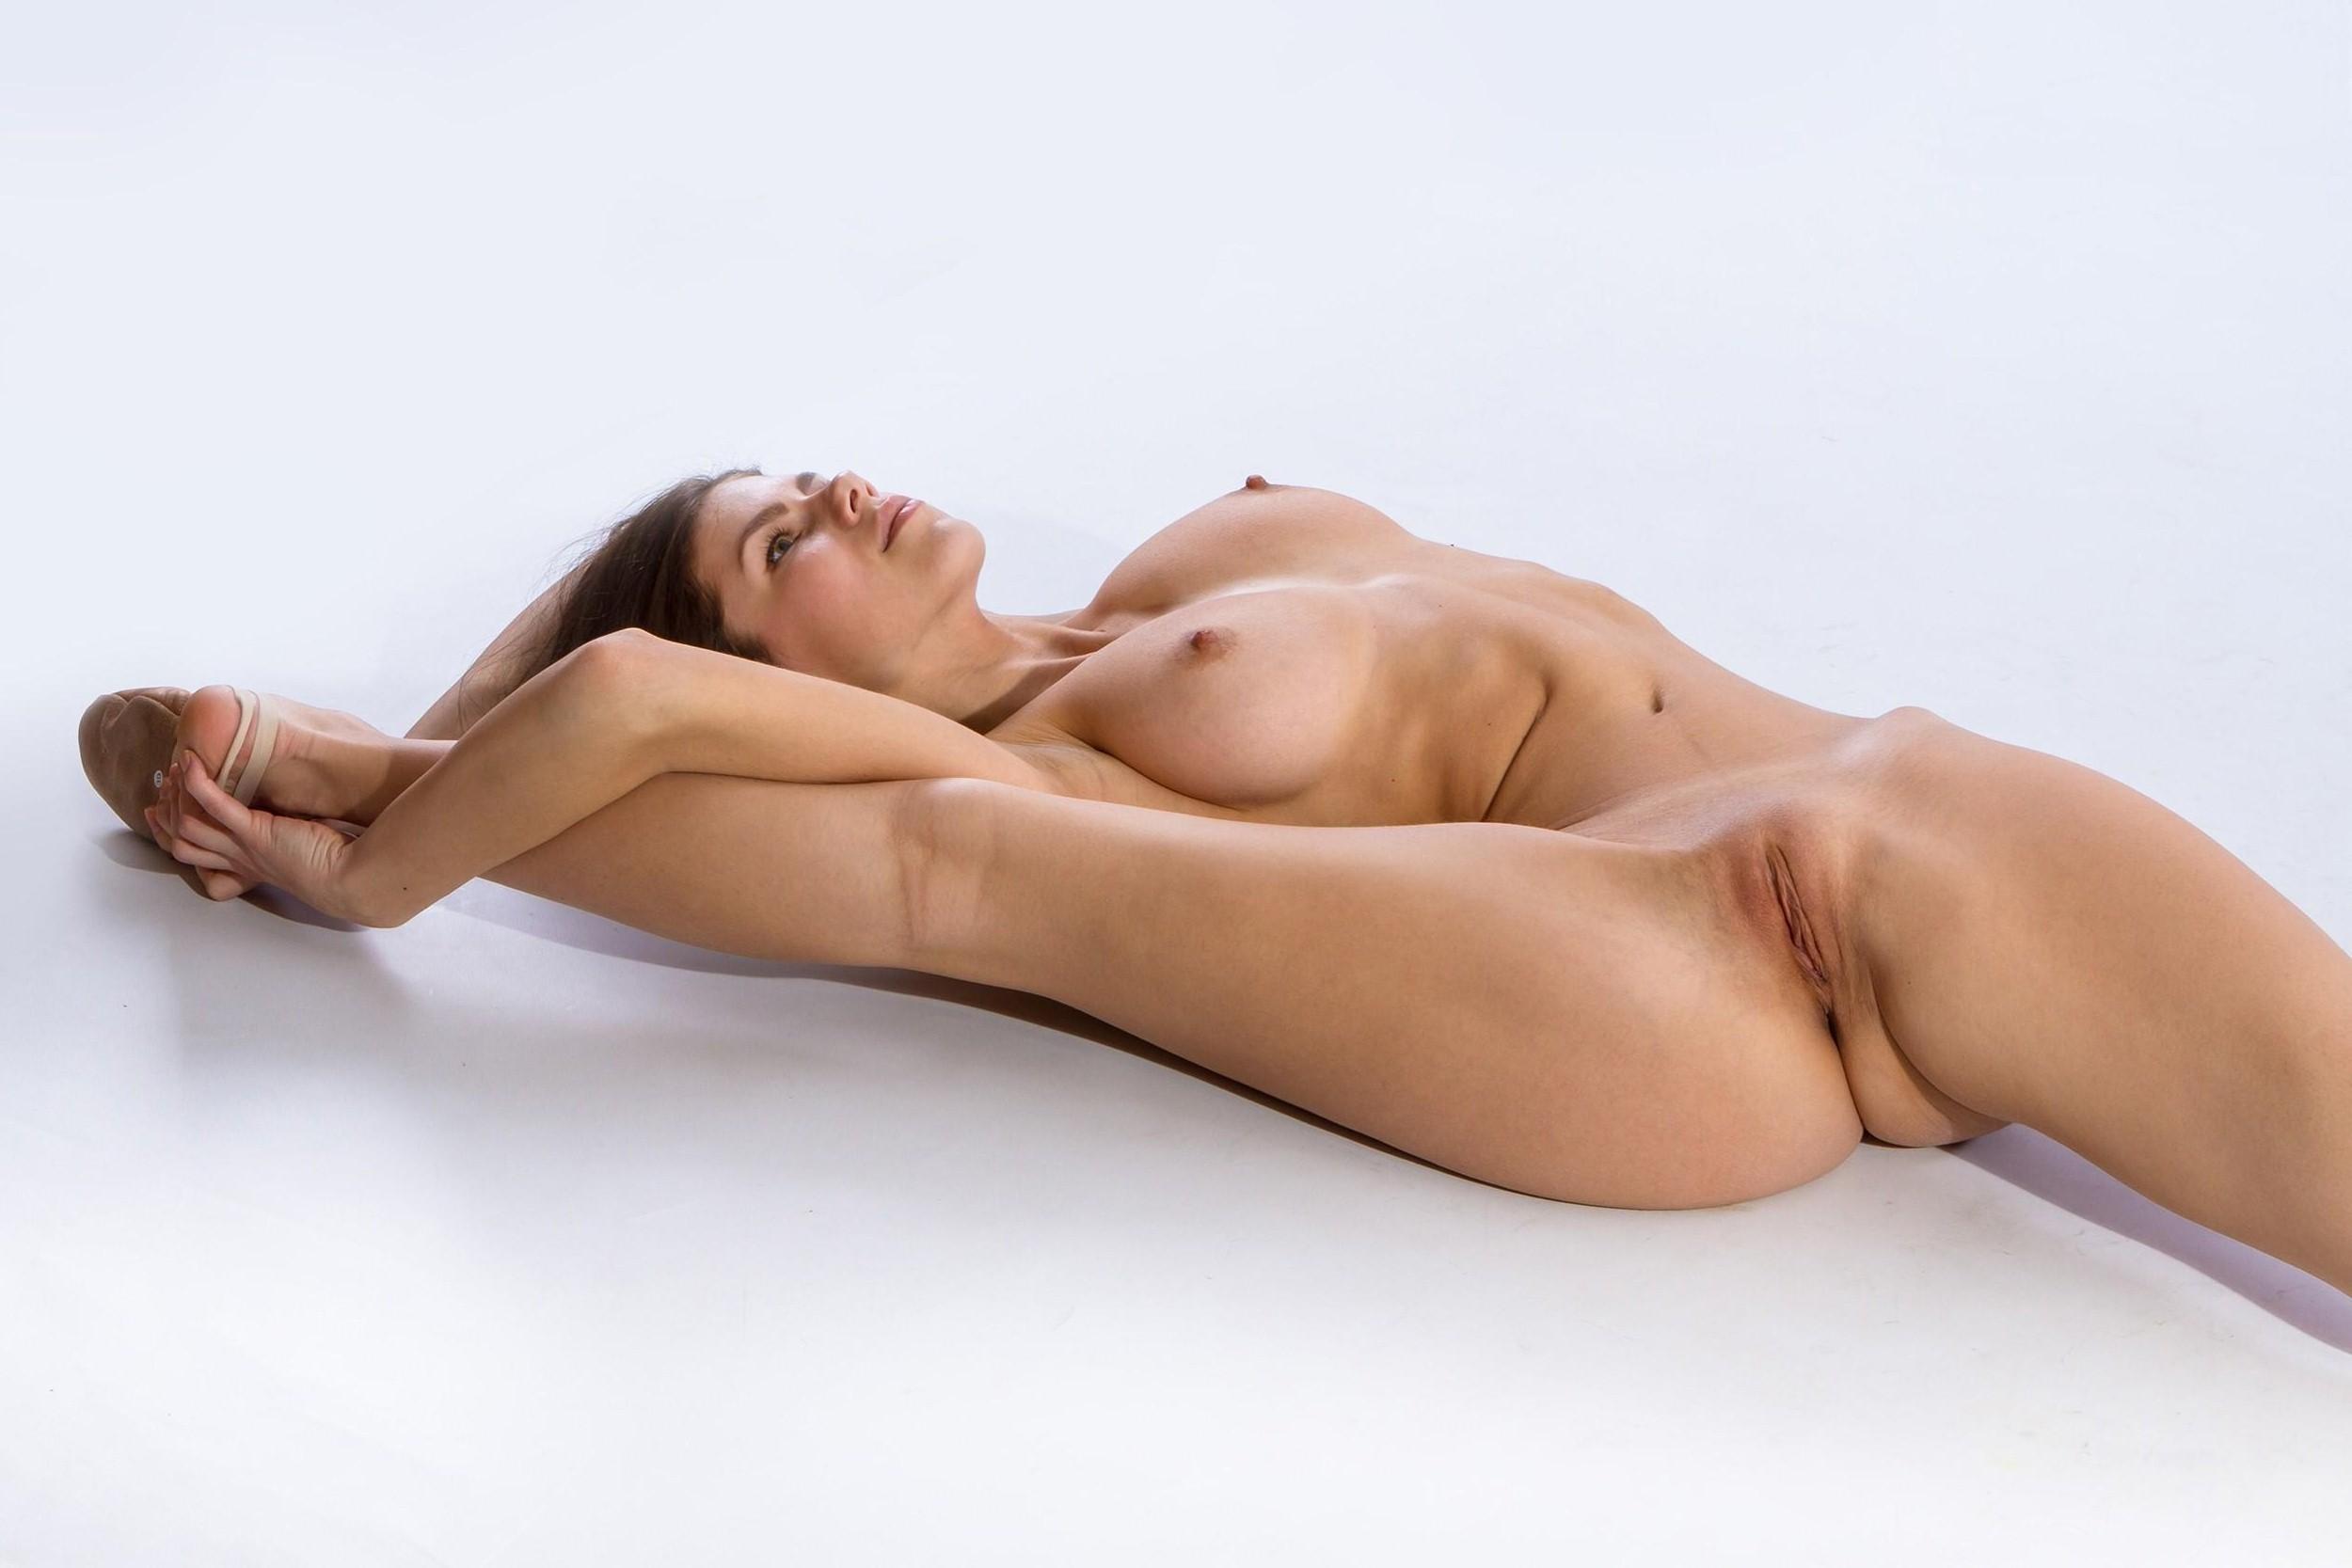 диагностику нескольких голая девушка гимнастка крупным планом взрослому